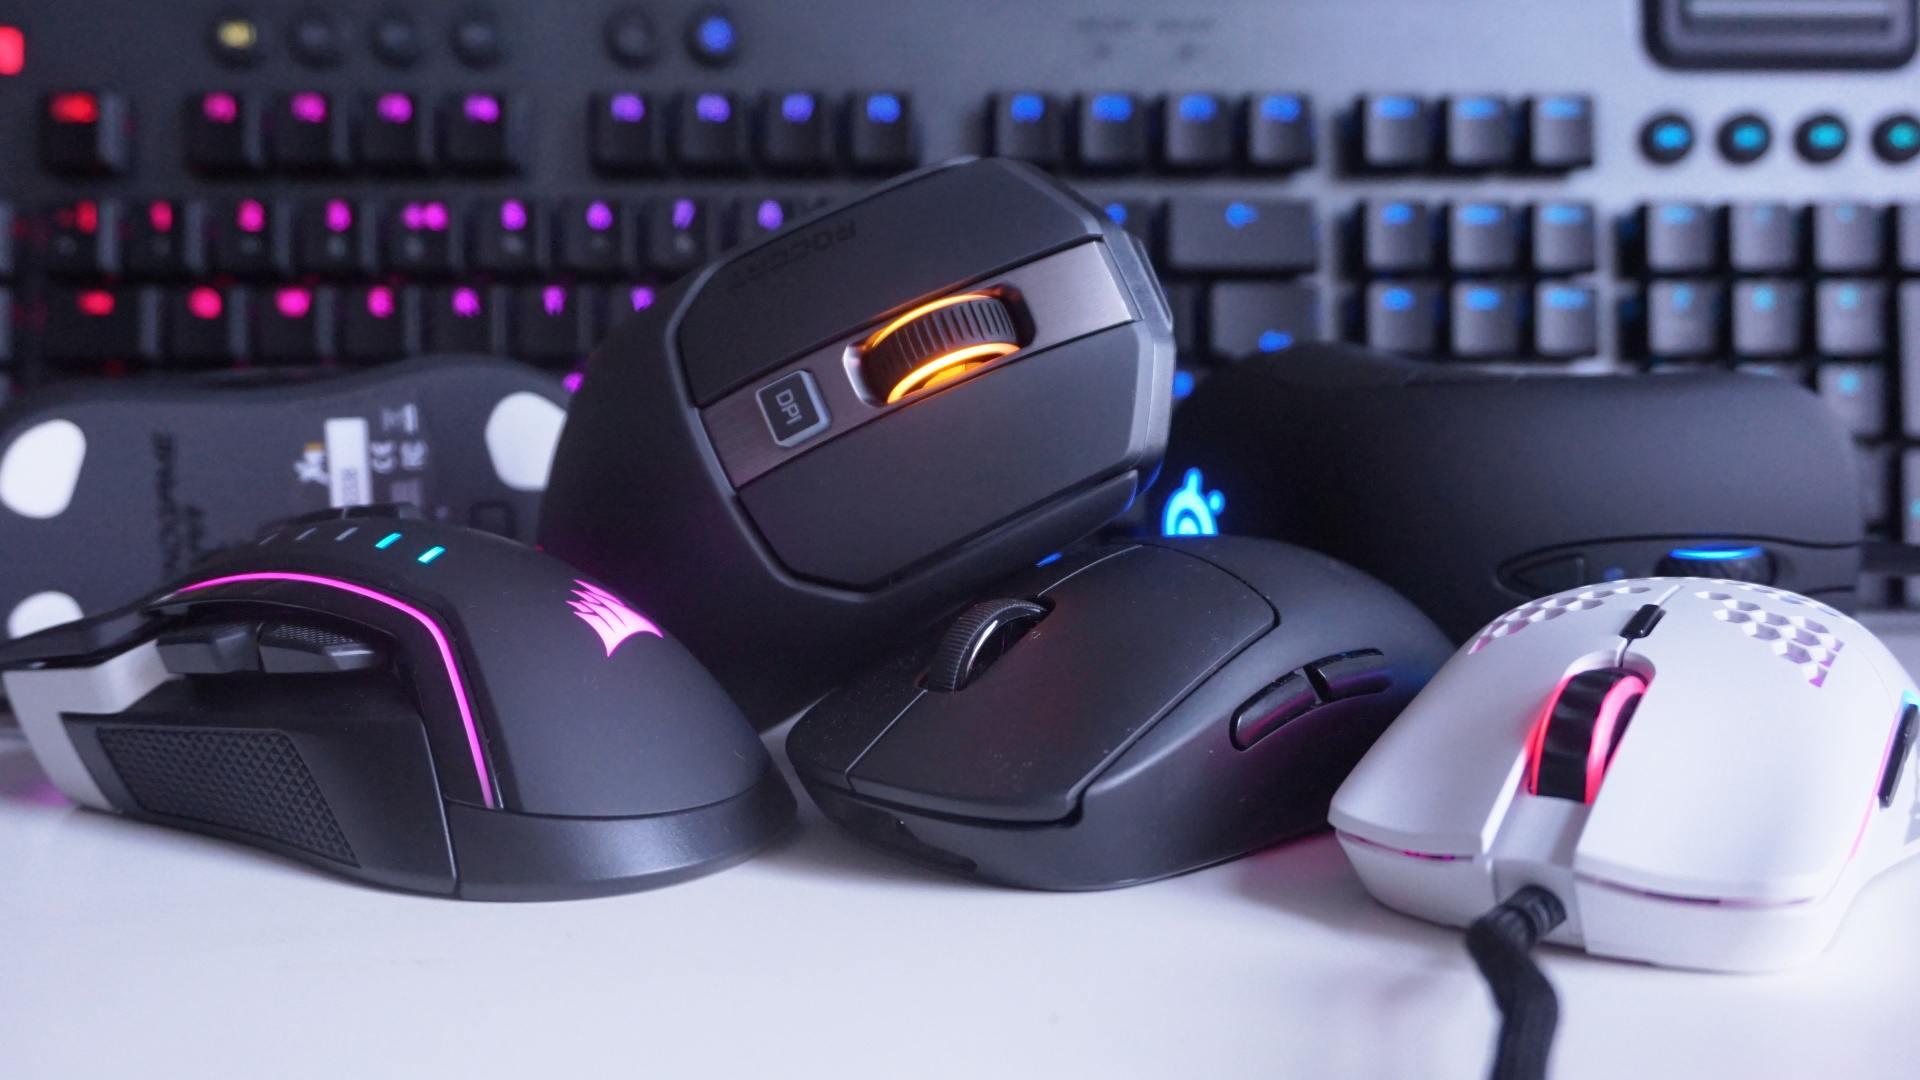 Chuột gaming tốt nhất